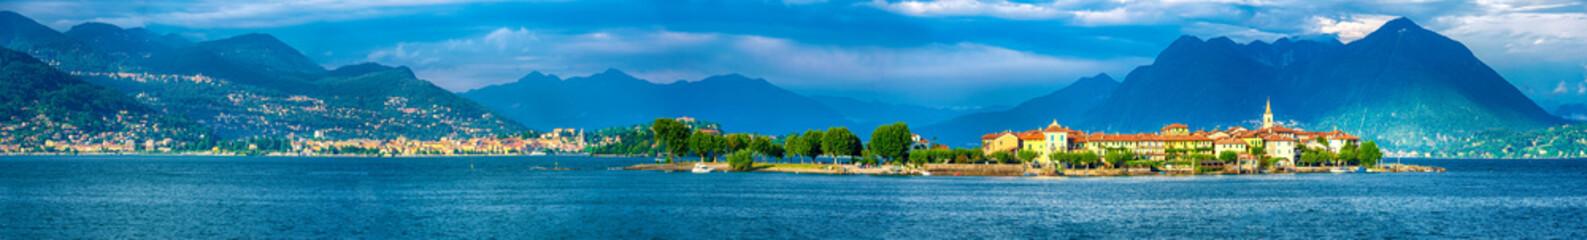 Isola dei Pescatori, Borromäische Inseln, im Lago Maggiore, Italien